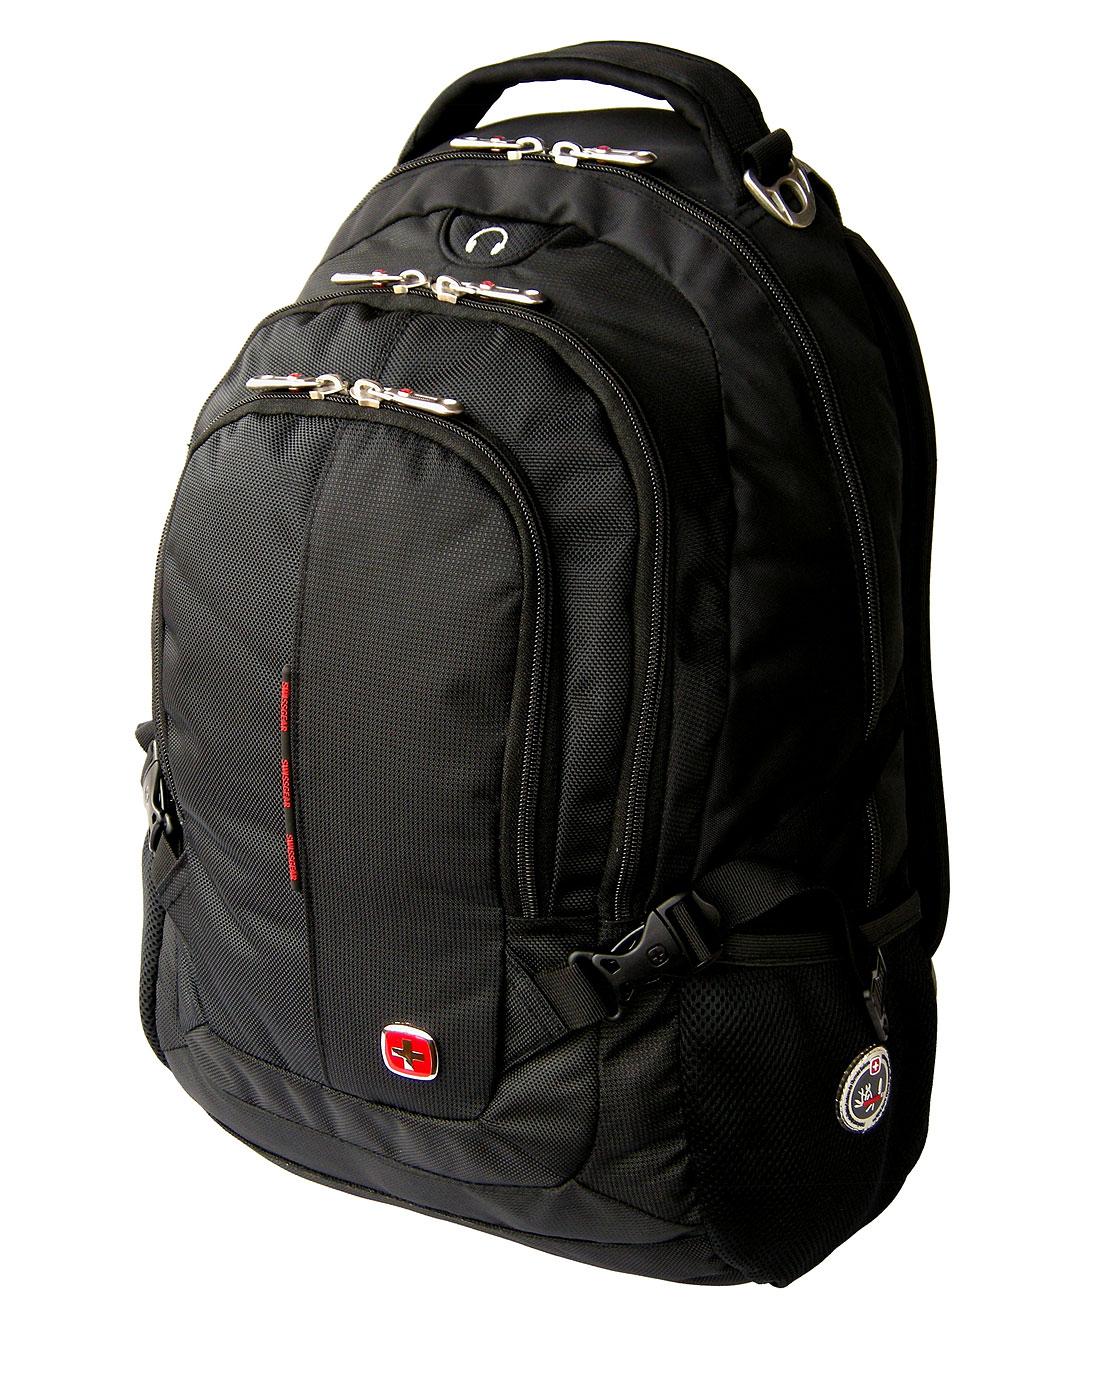 swisswin中性黑色简约双肩电脑背包sw9333bk